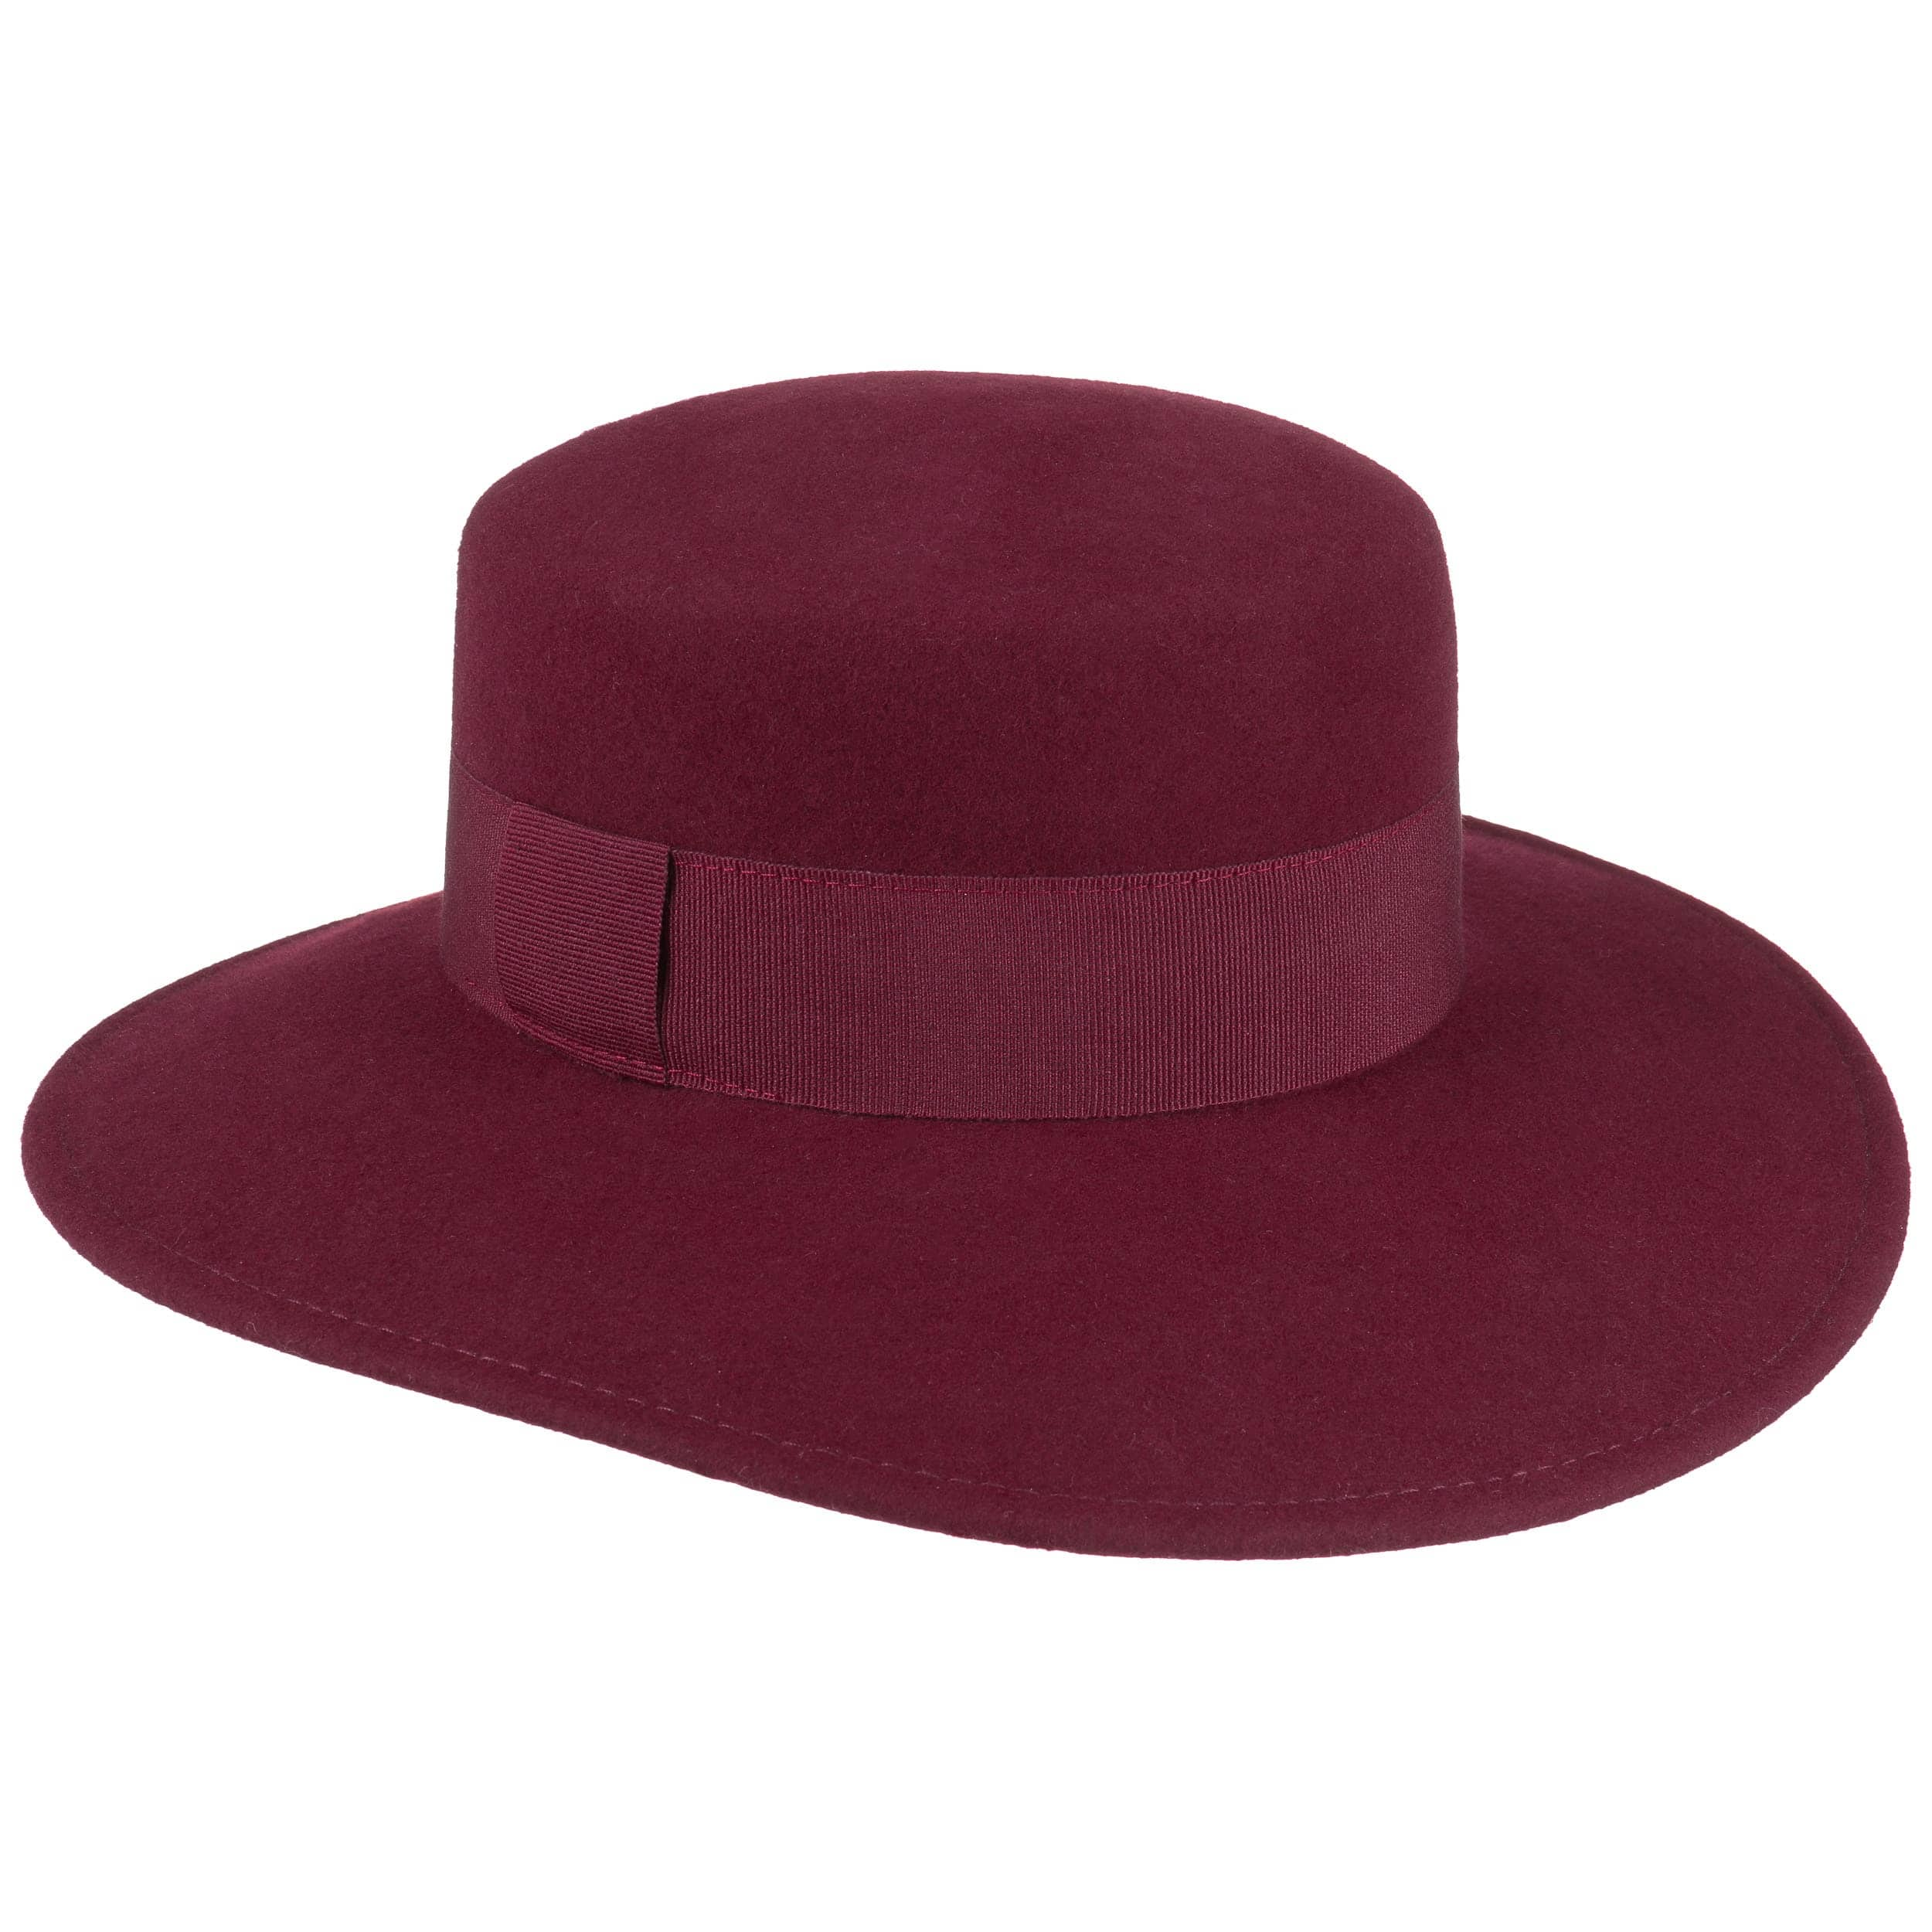 9ad530561577e Sombrero de Fieltro de Mujer Lasunja - Sombreros - sombreroshop.es